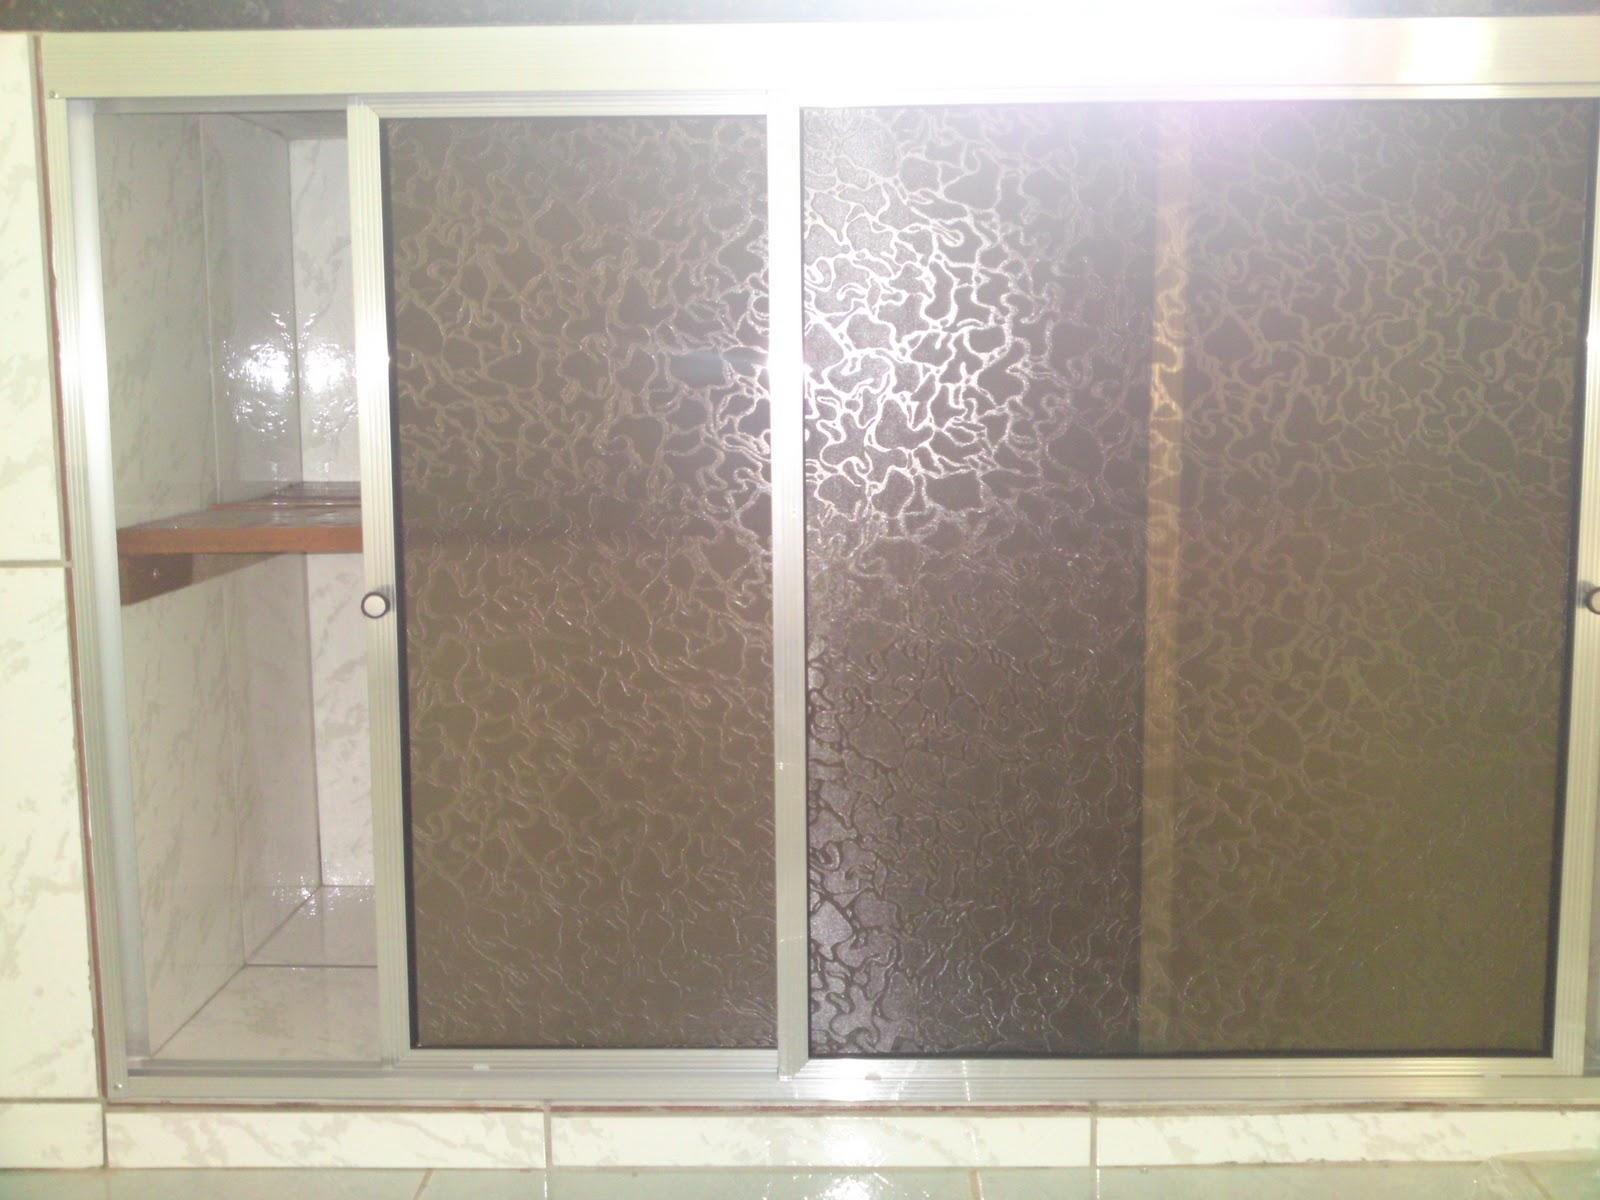 #797152 serralheria : PORTAS JANELAS ARMARIOS DE PIA EM ALUMÍNIO 1000 Portas E Janela De Aluminio Em Bh